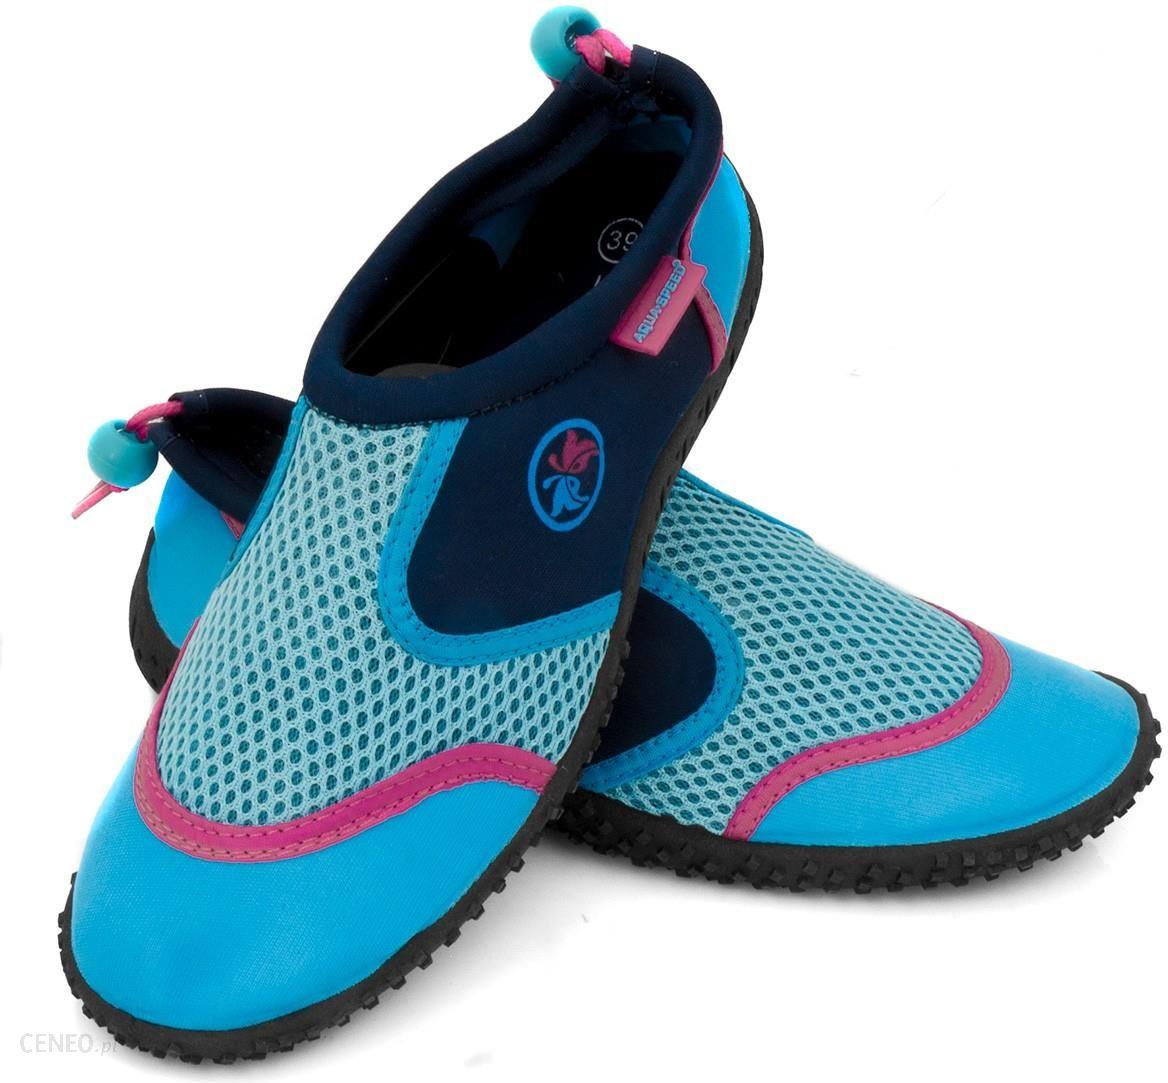 f259f7ba Aqua Speed Buty Do Wody Aqua Shoe Model 14 5214 - Ceny i opinie ...